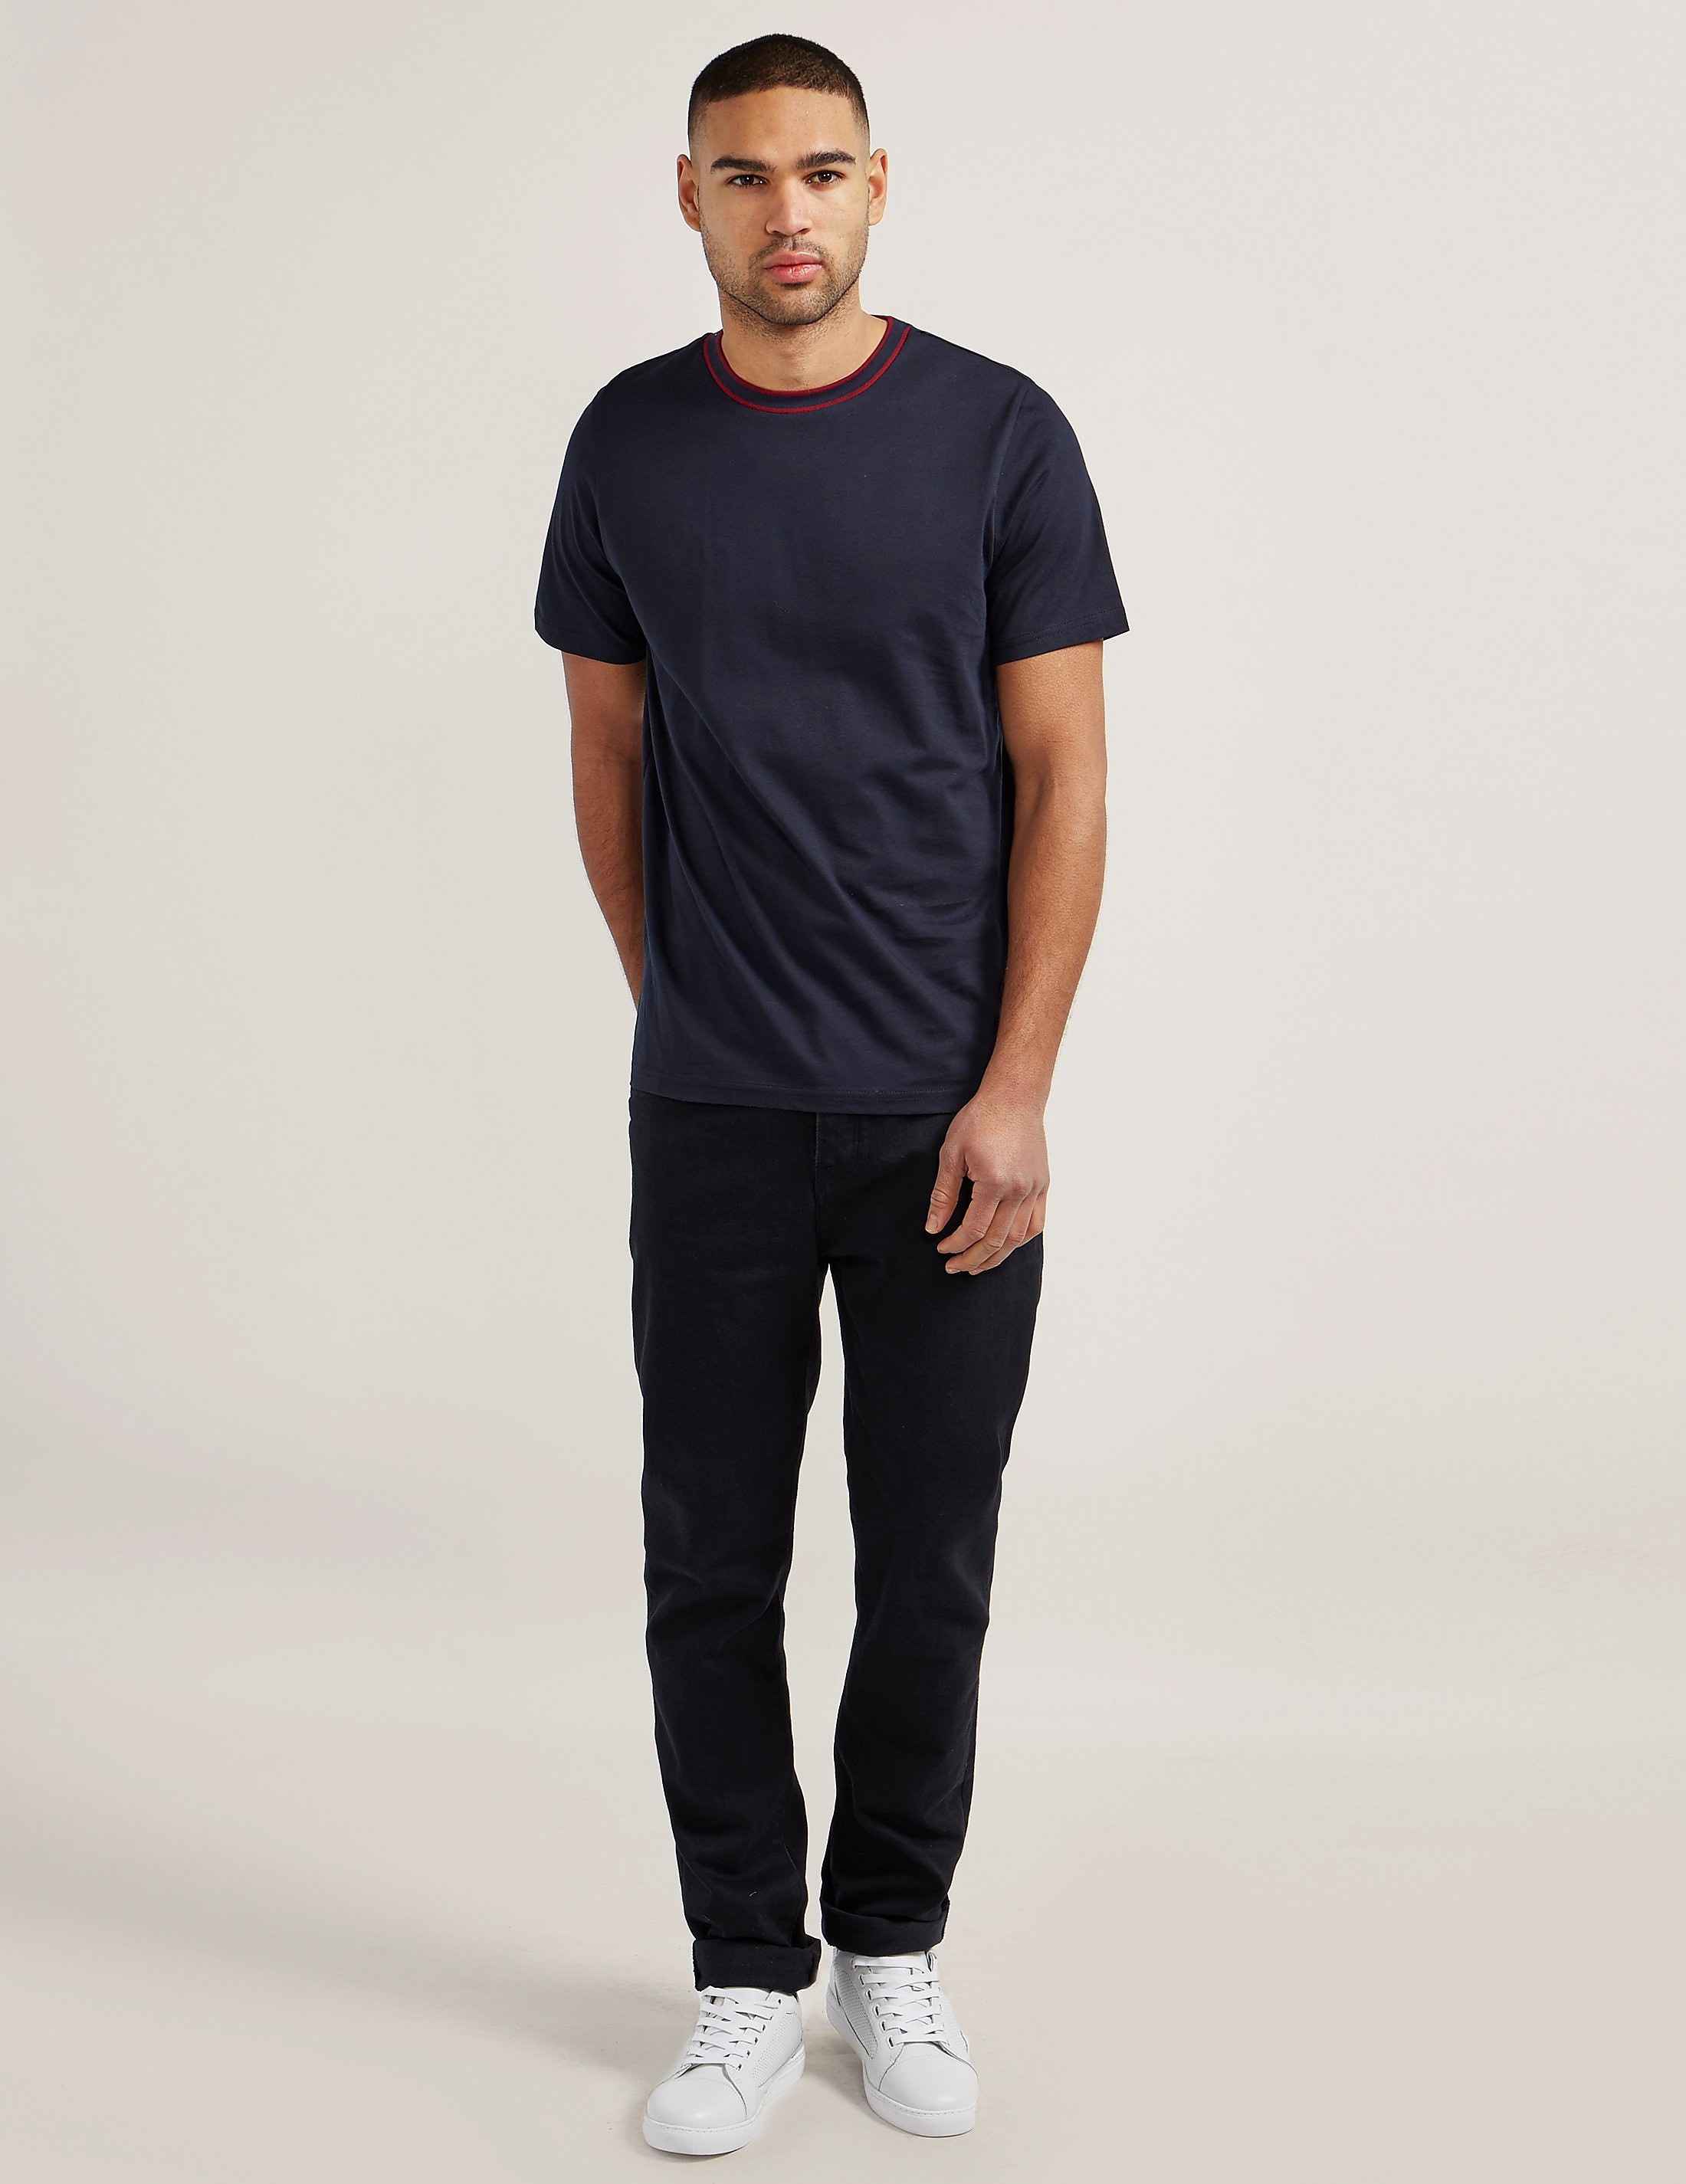 Paul Smith Pima Stripe T-Shirt